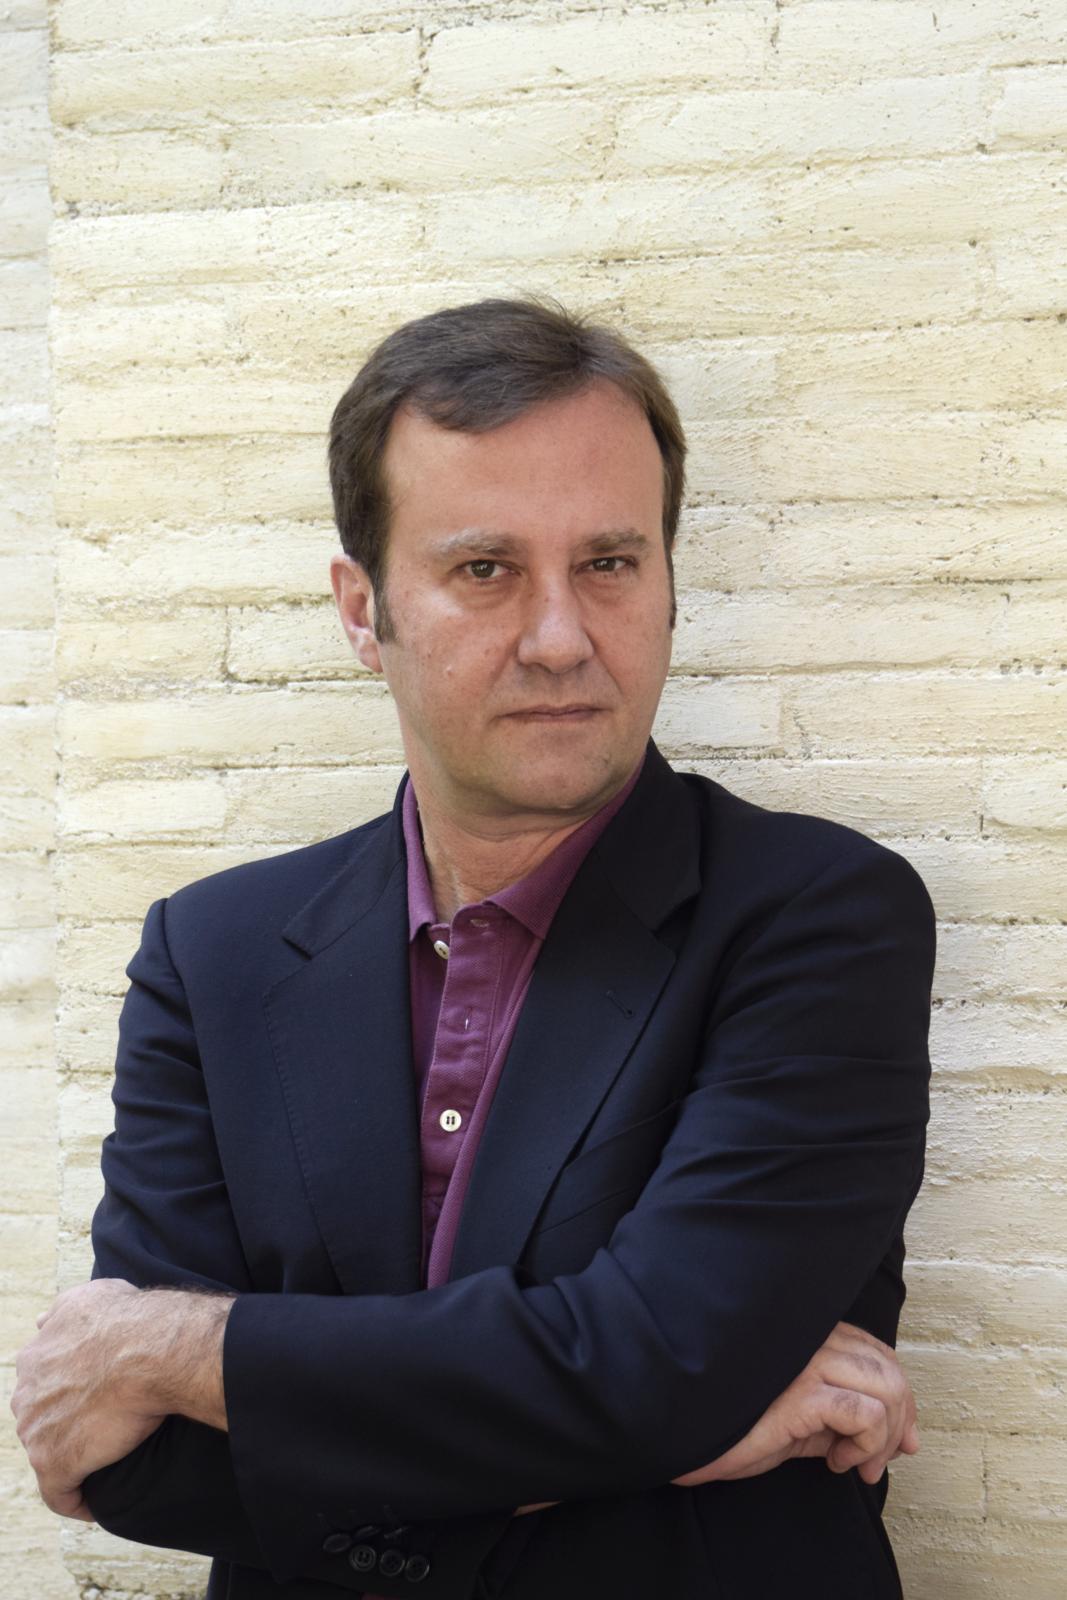 Marcos Giralt Torrente